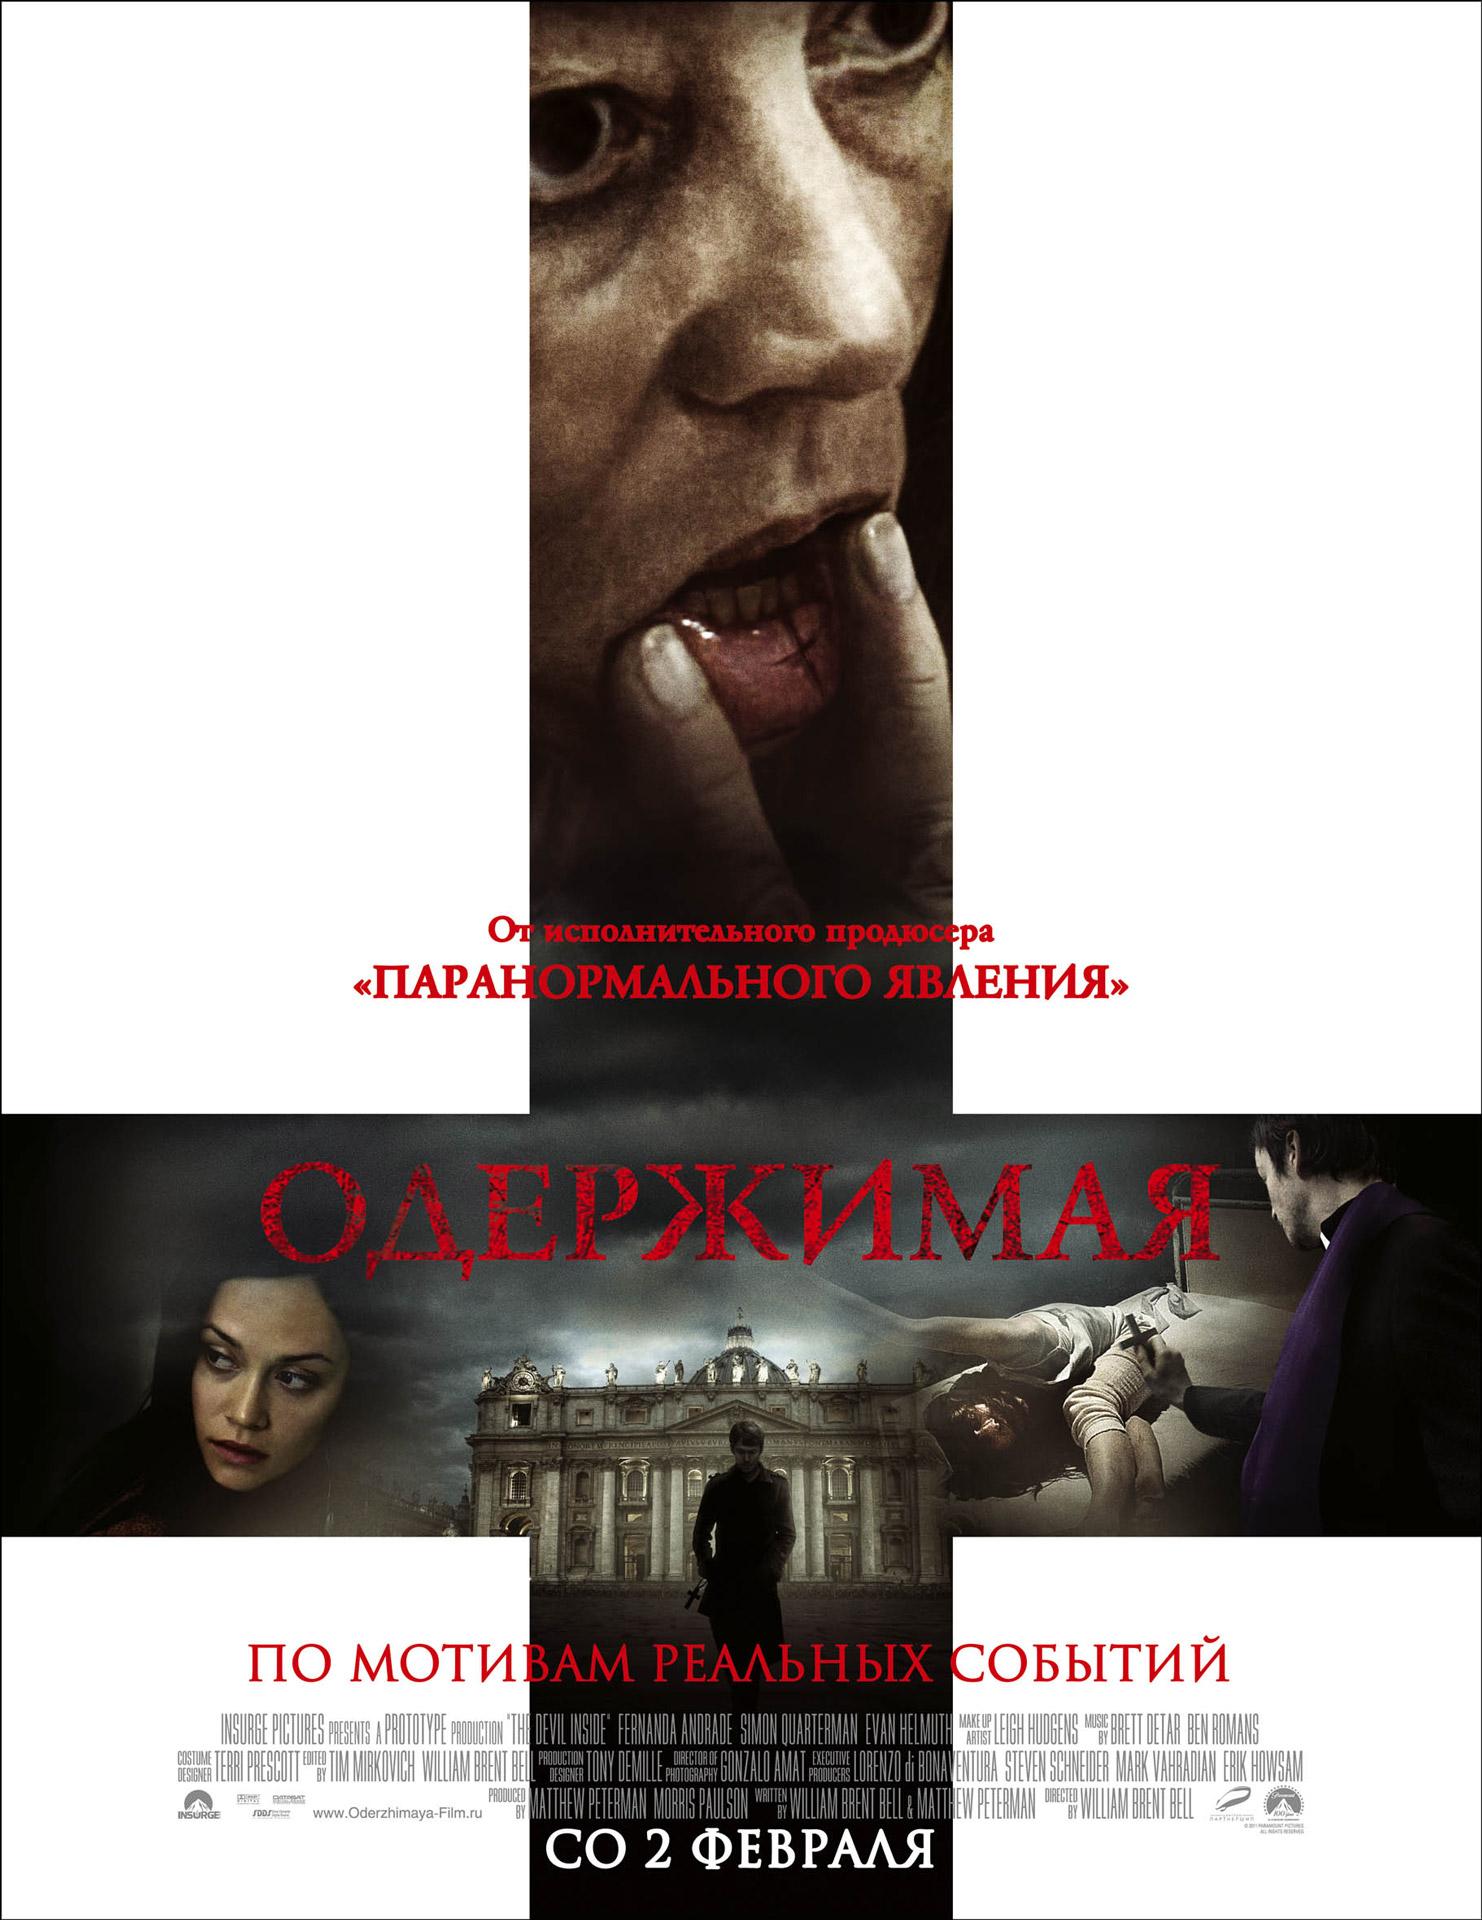 Одержимая, постер № 5